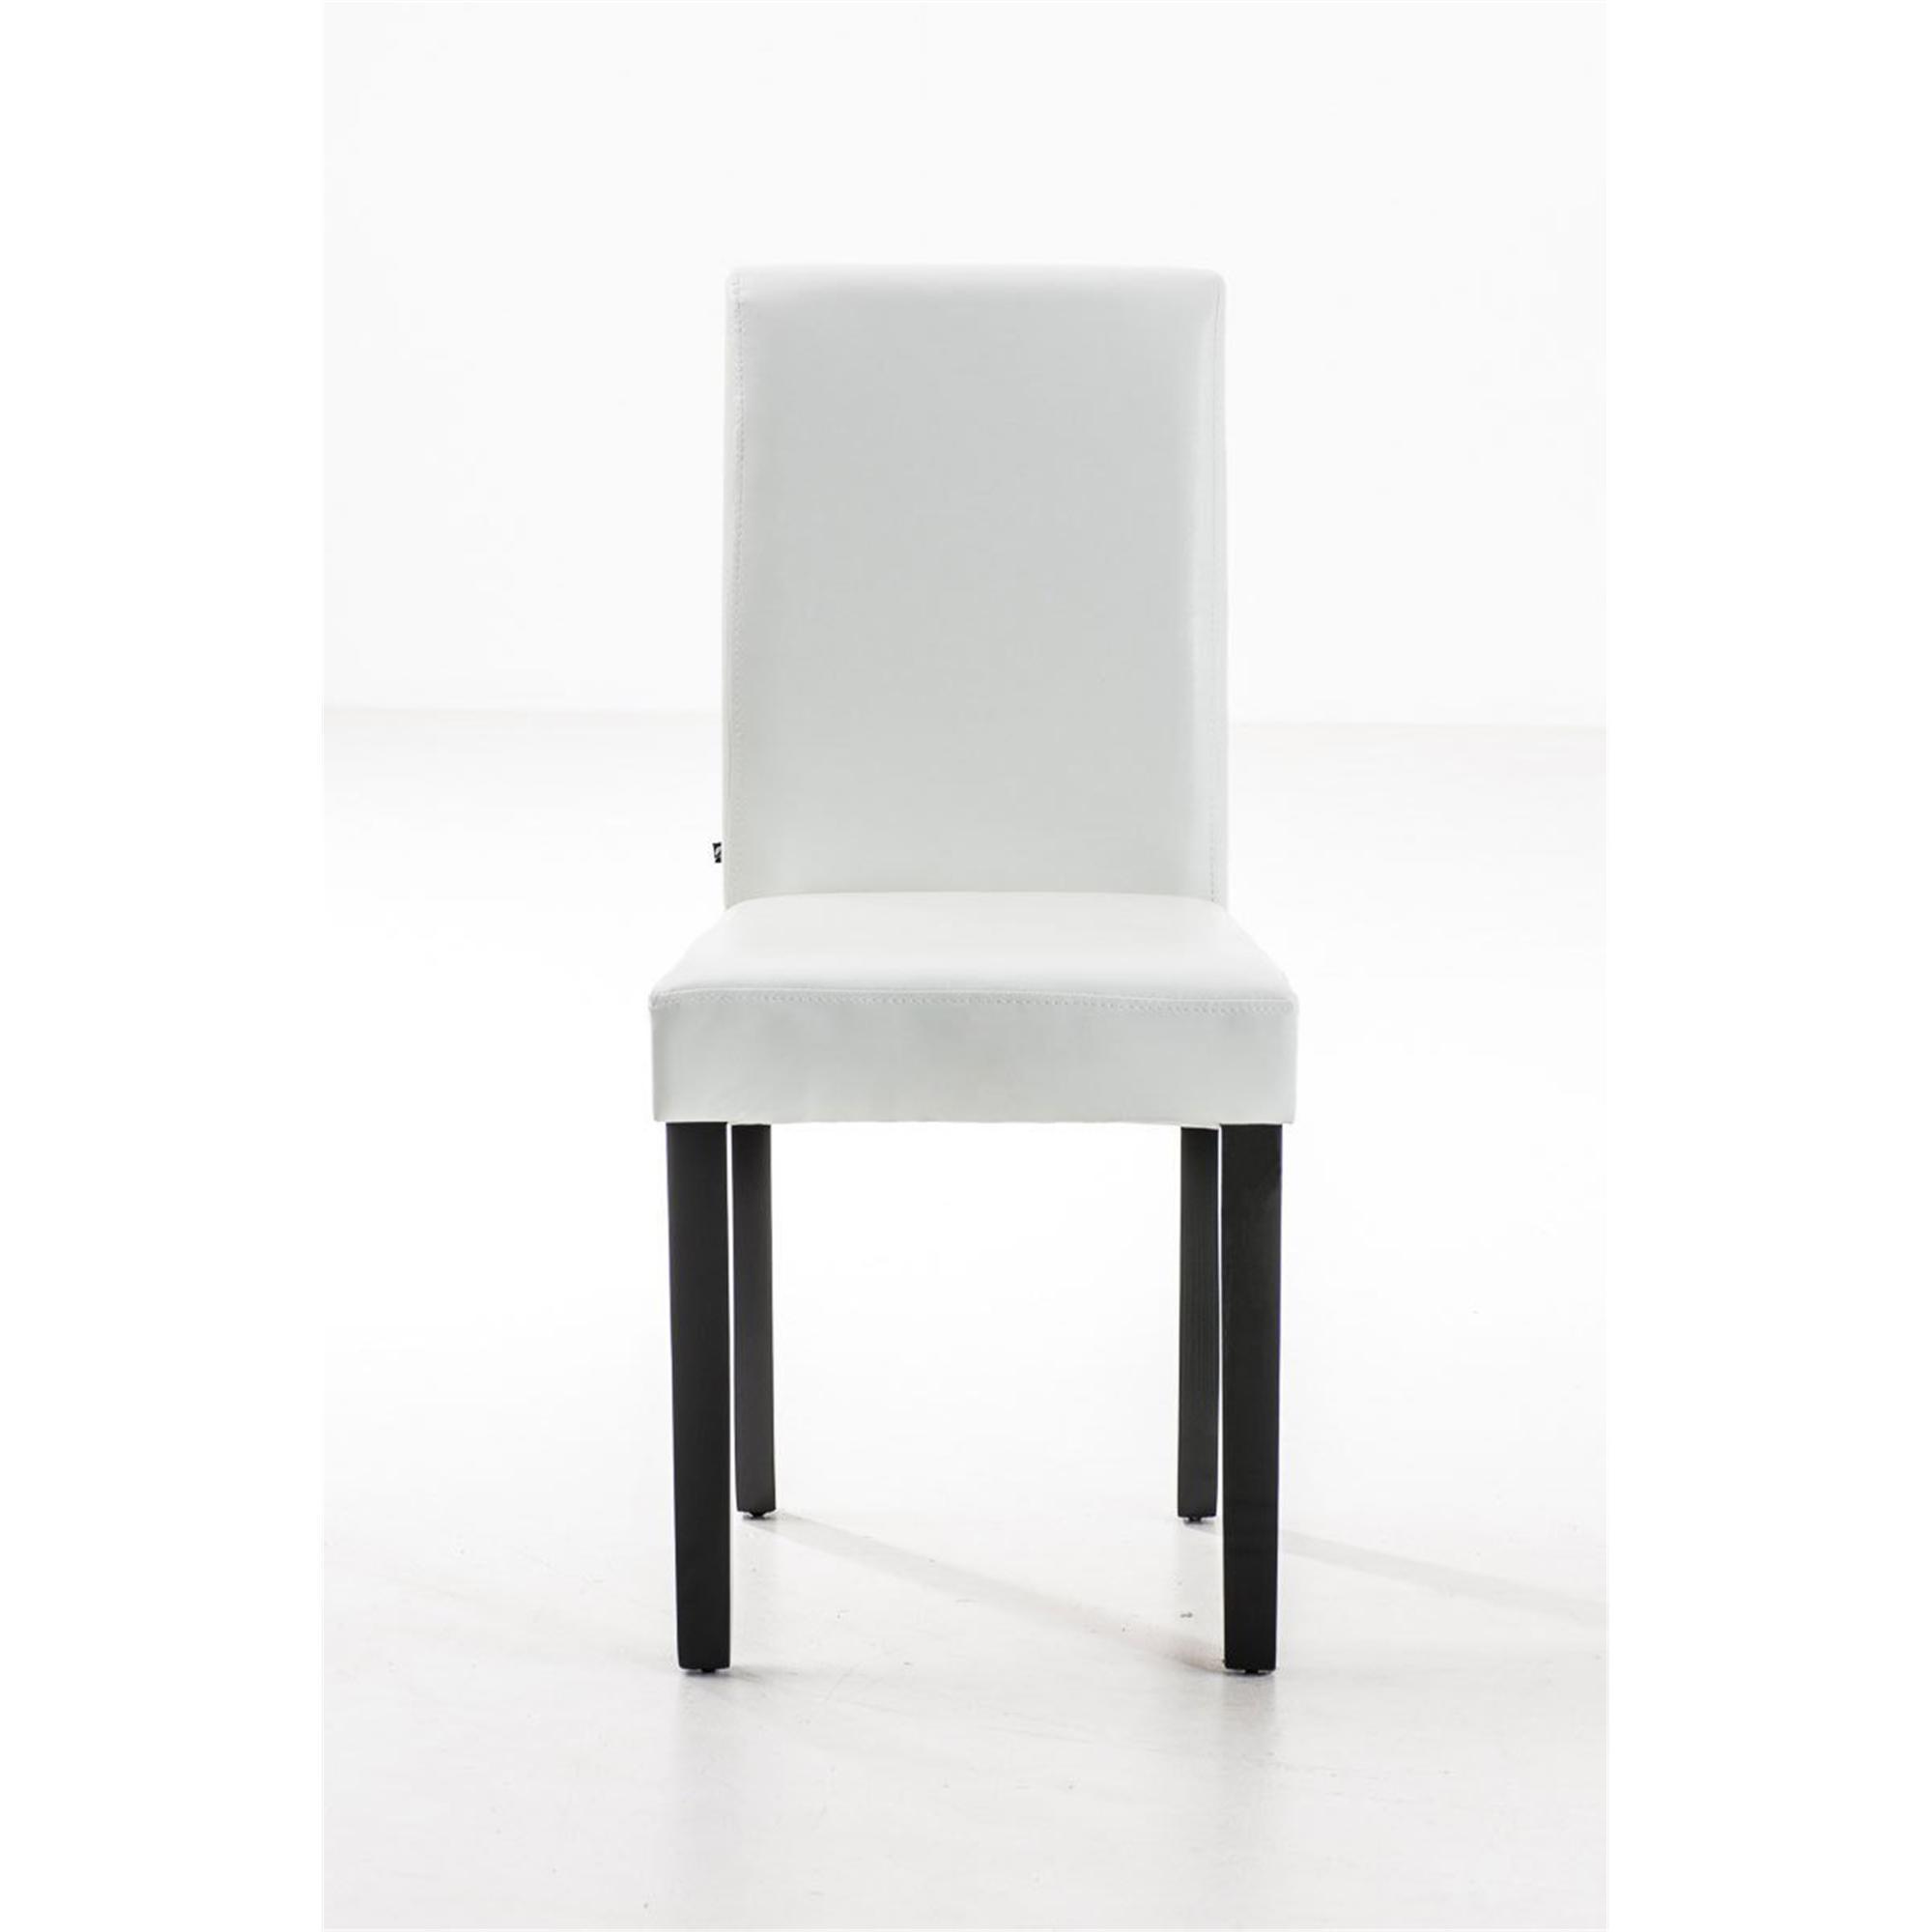 Lote de 2 sillas de comedor capri muy c modas y robustas for Sillas de piel blancas